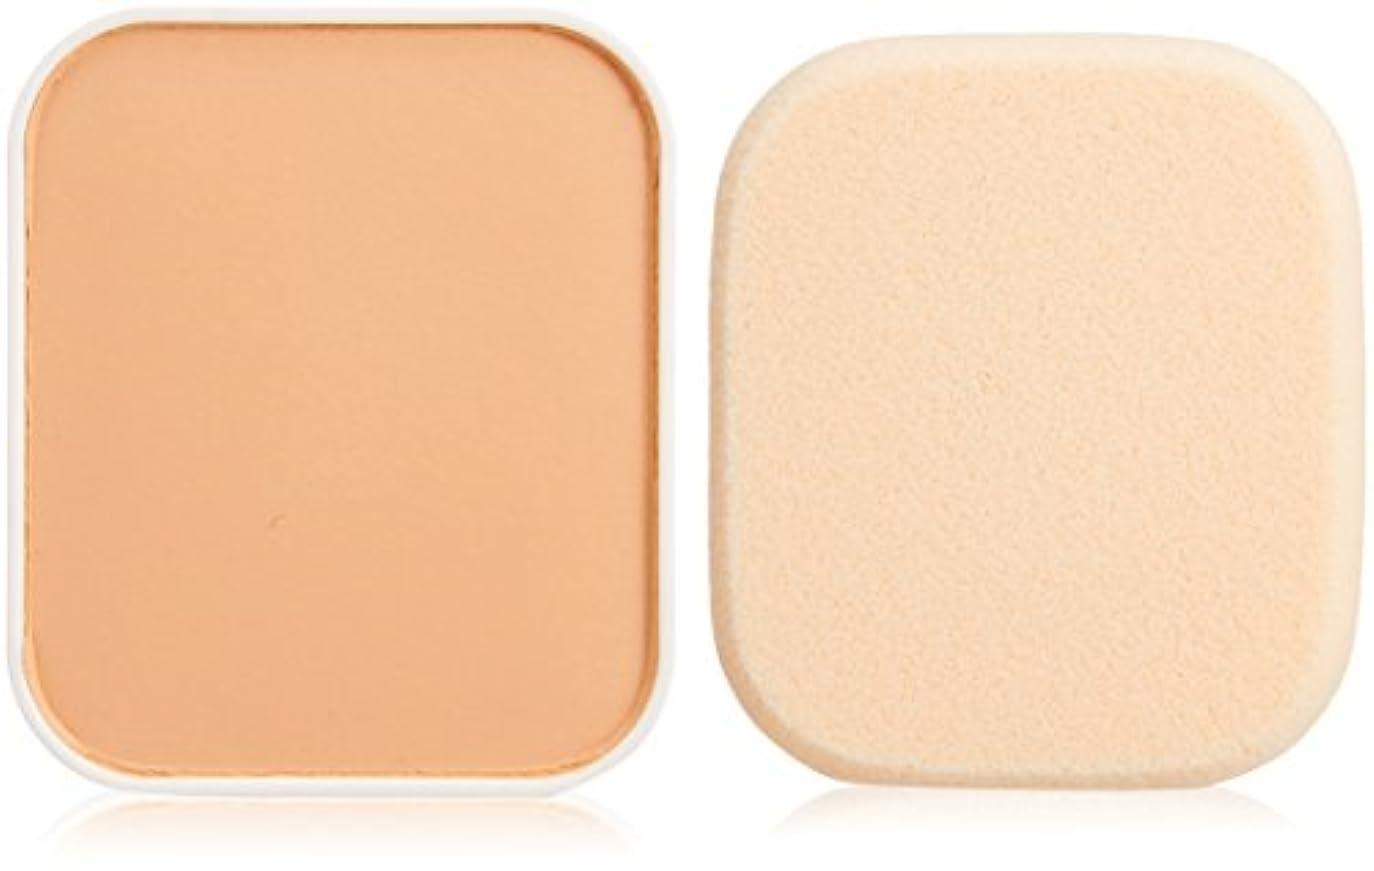 ロンドンユーザー肥満インテグレート グレイシィ ホワイトパクトEX ピンクオークル10 (レフィル) 赤みよりで明るめの肌色 (SPF26?PA+++) 11g